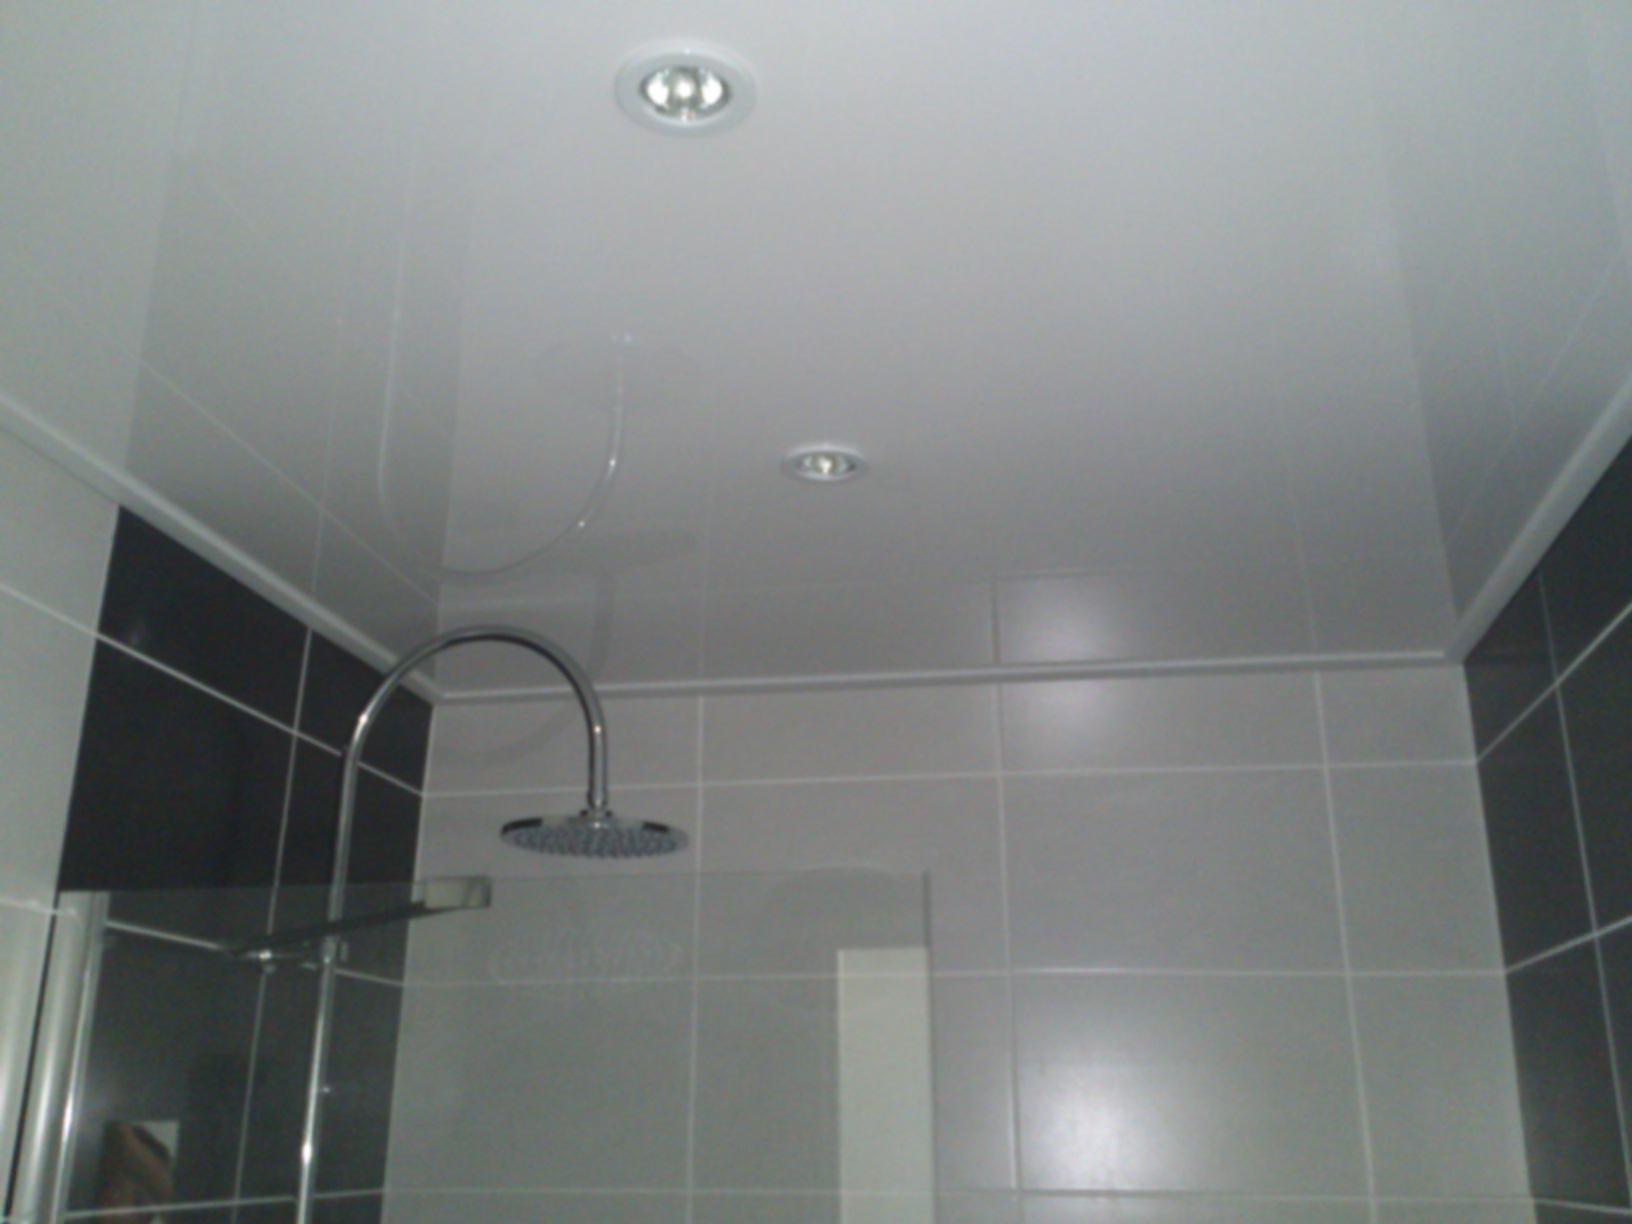 Comment faire faux plafond salle bain - Comment faire faux plafond salle bain ...